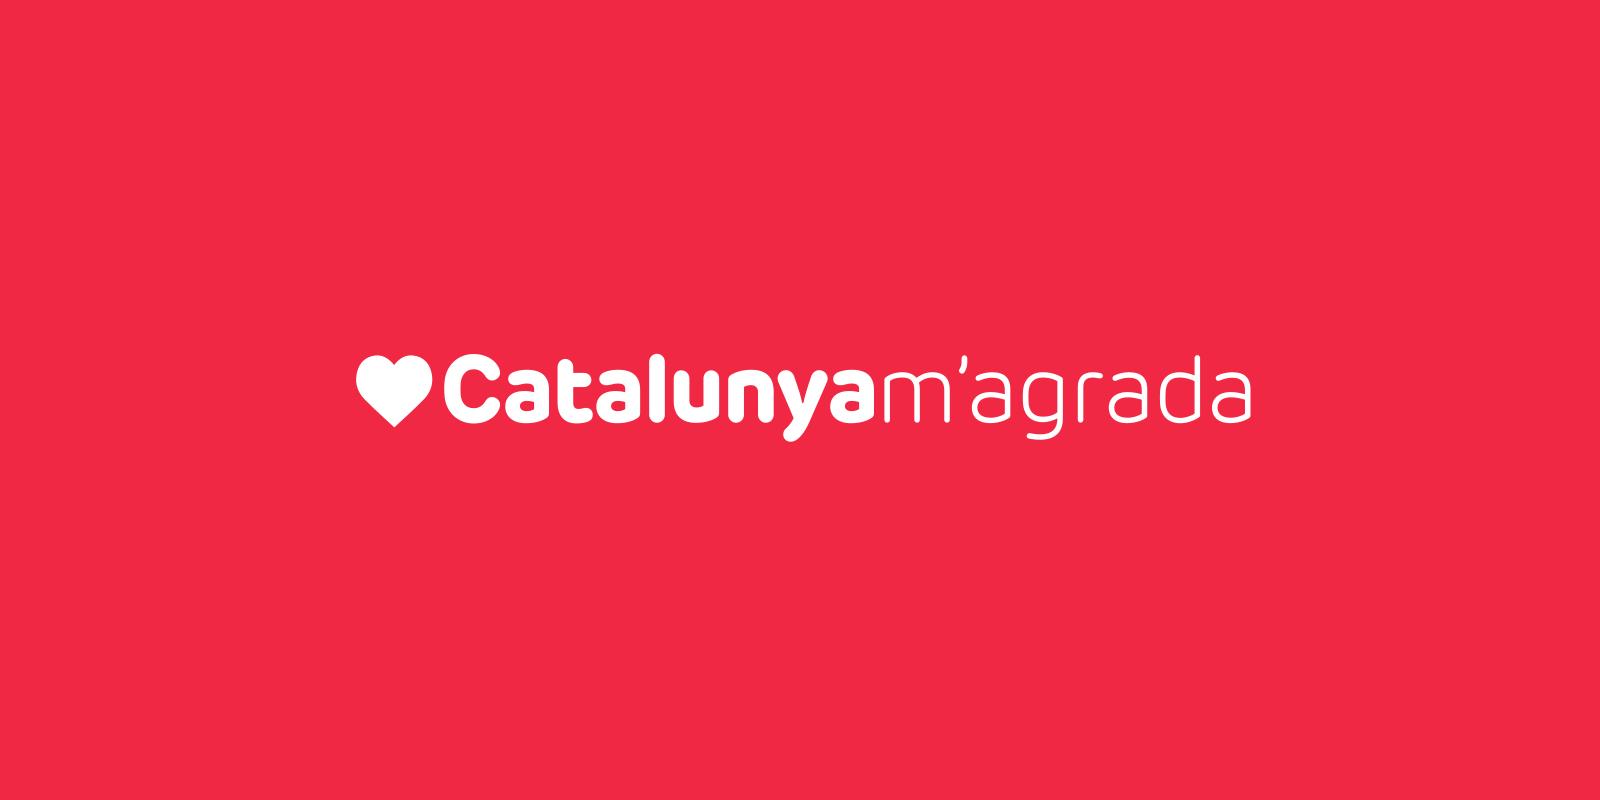 Logo Catmagrada